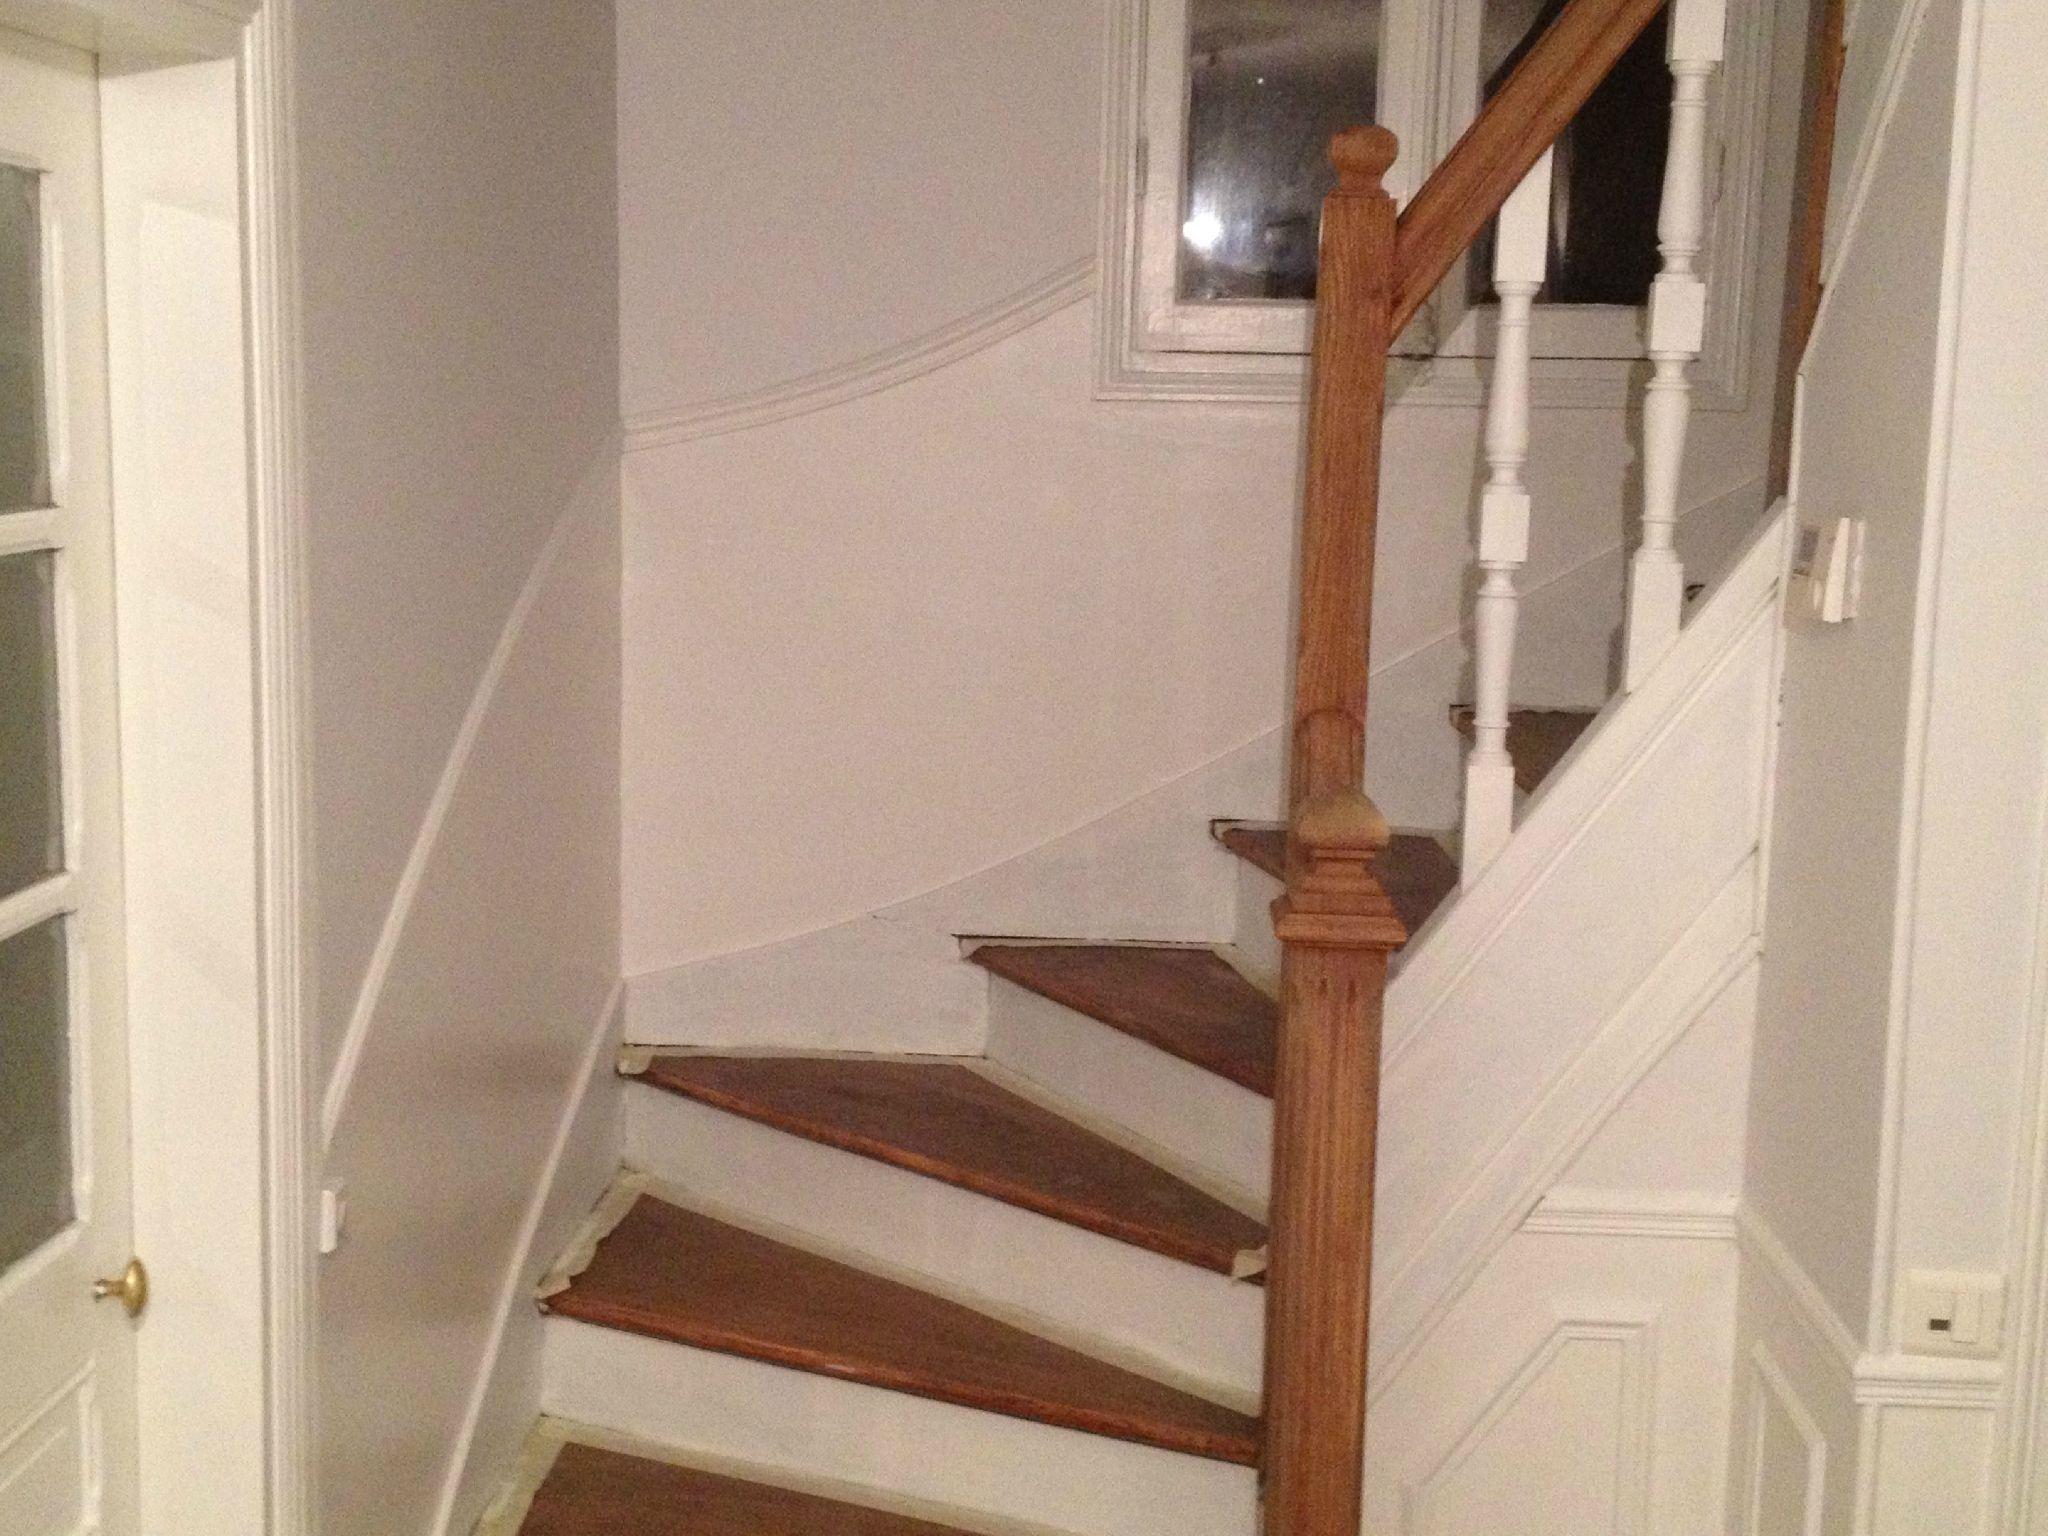 achat escalier perfect idmarket meuble de rangement escalier niveaux bois blanc avec porte et. Black Bedroom Furniture Sets. Home Design Ideas